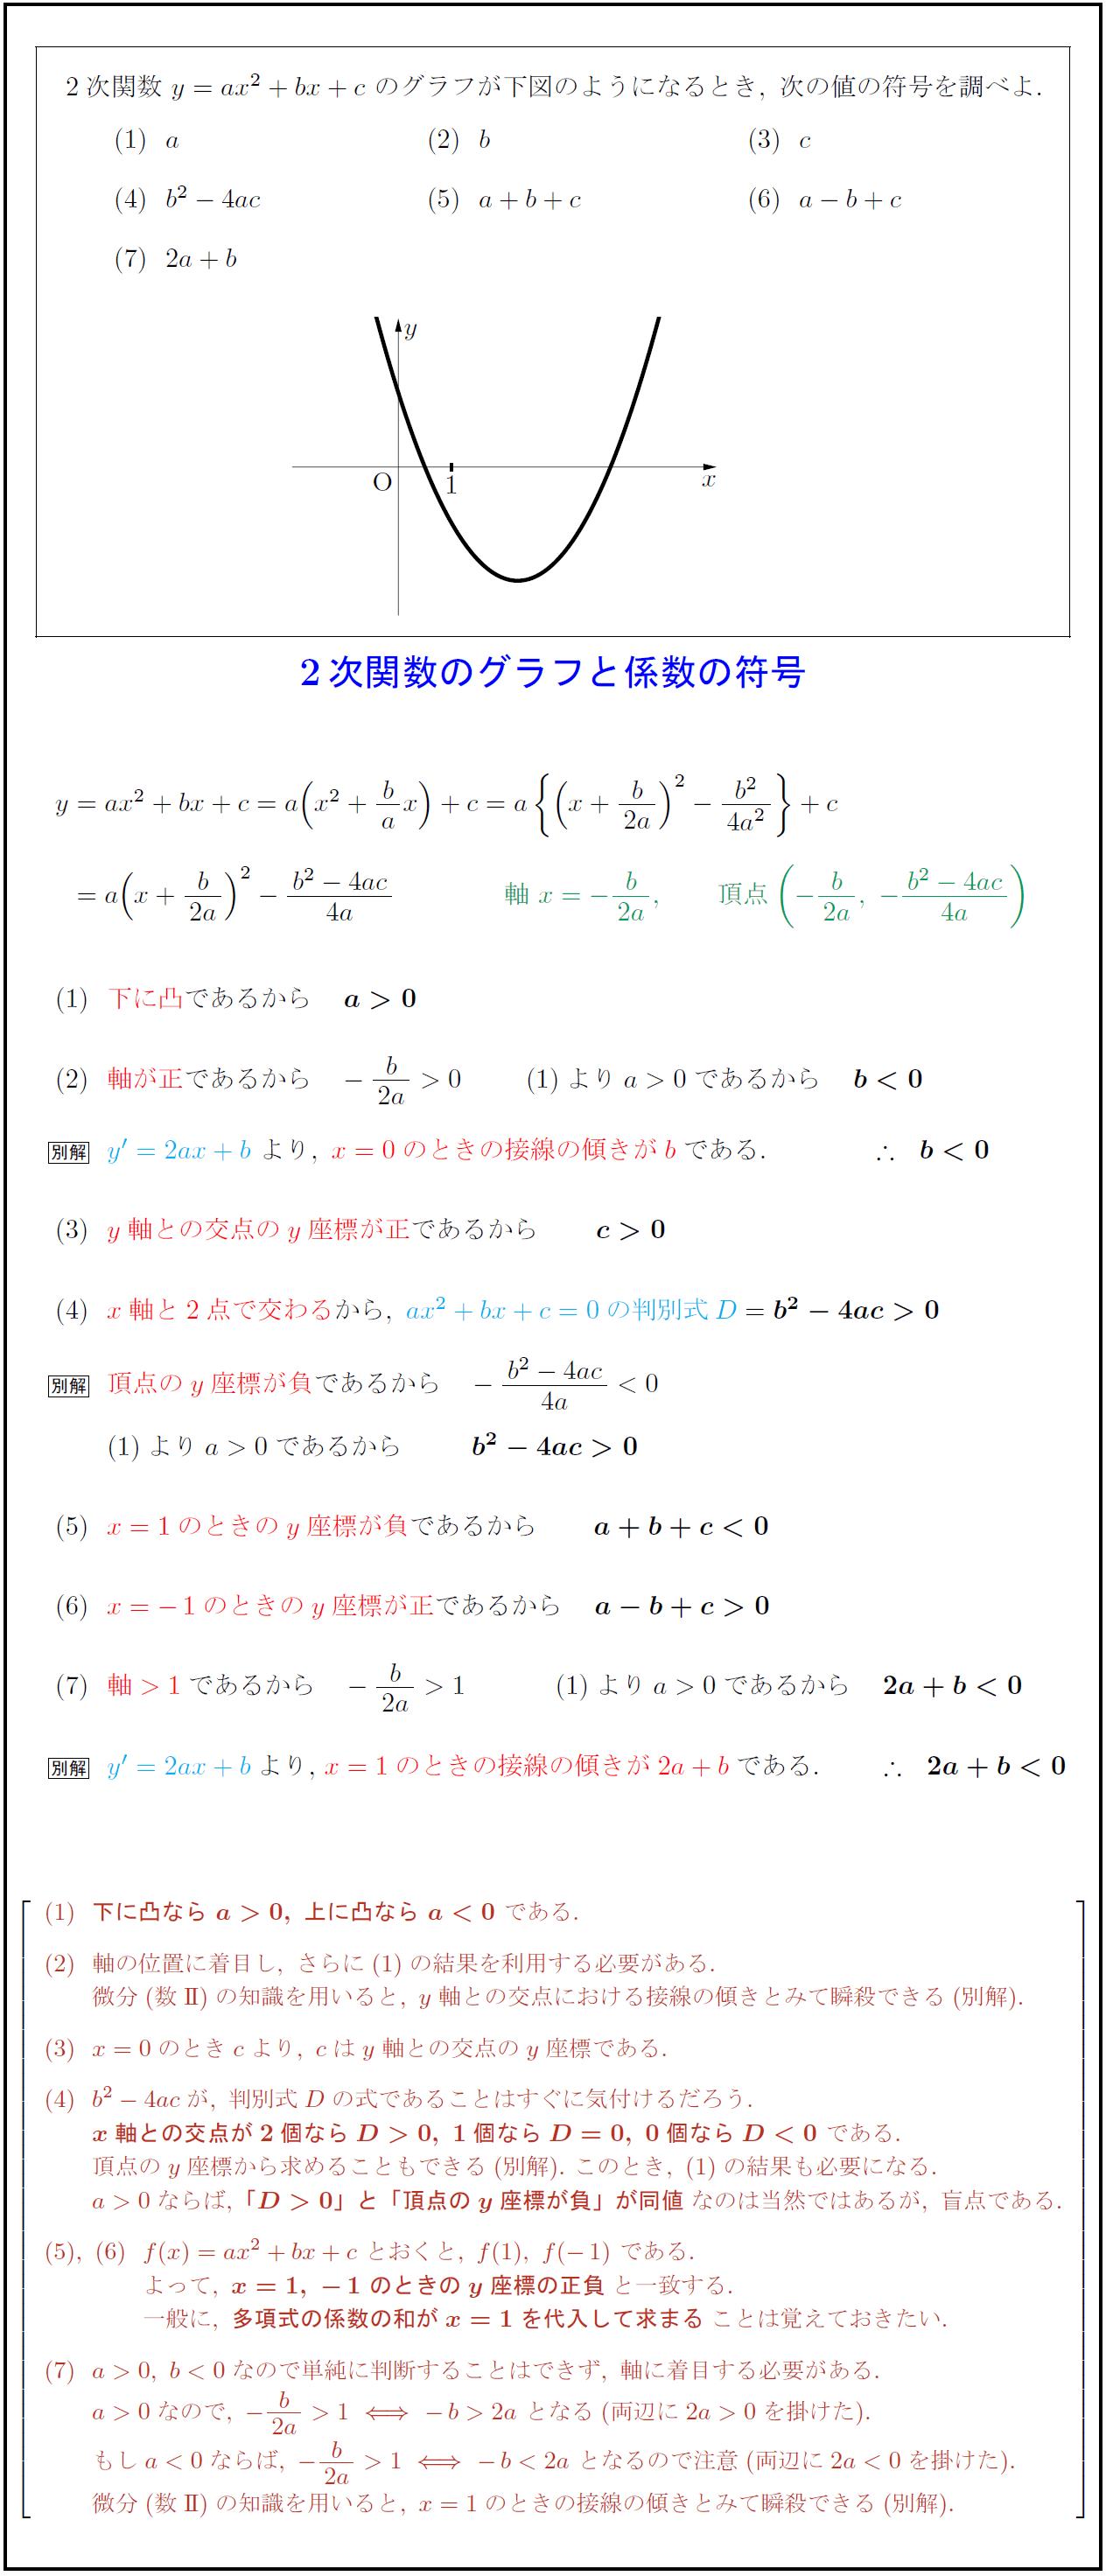 化学式_【高校数学Ⅰ】2次関数のグラフy=ax²+bx+cの係数の符号 | 受験の月